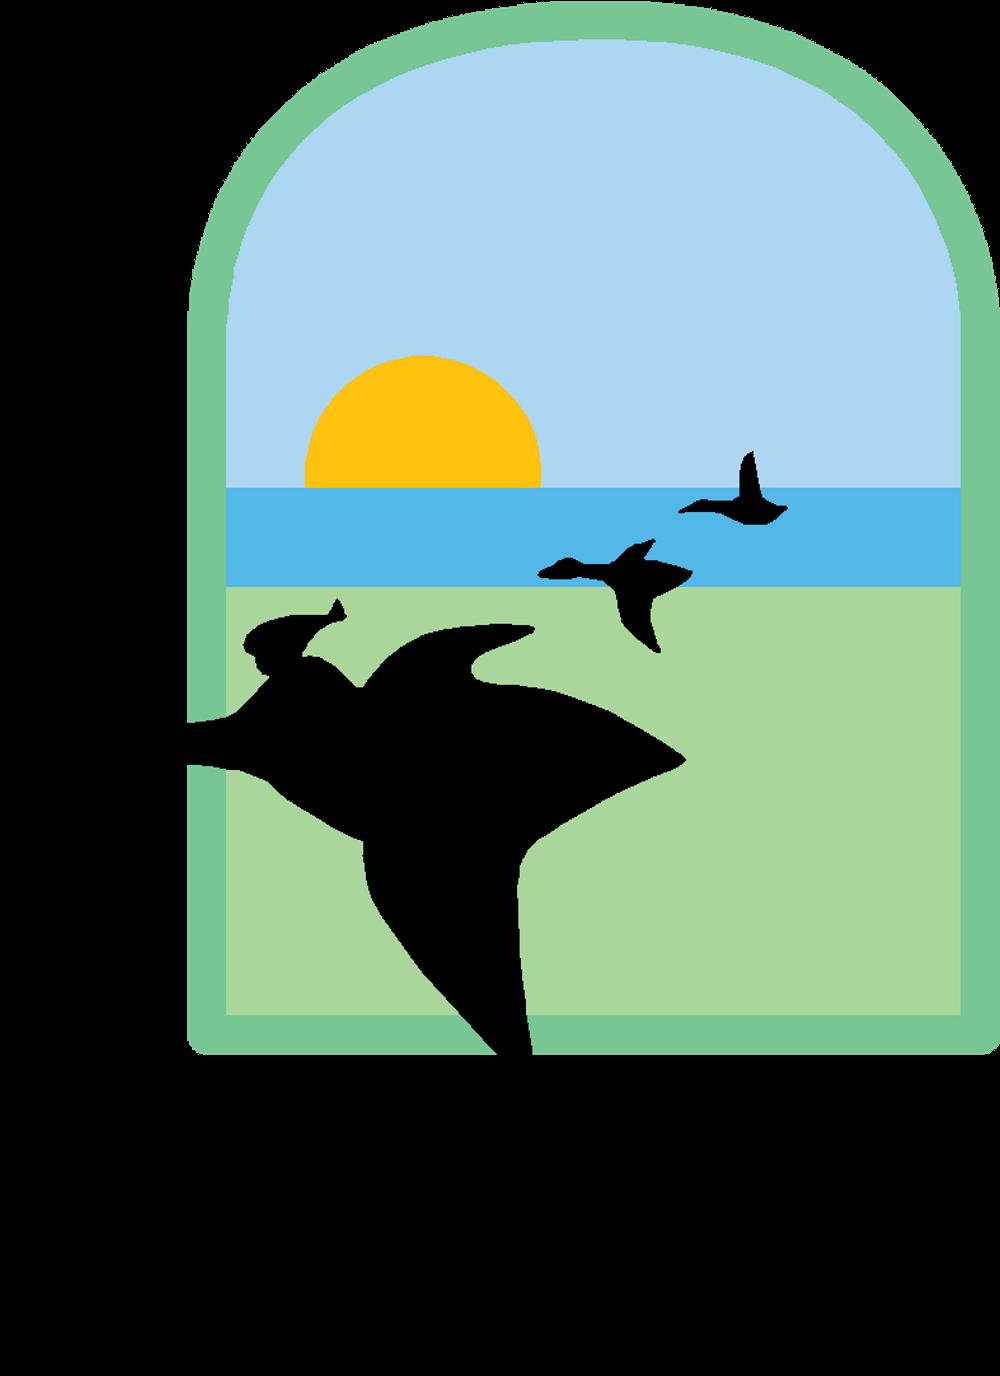 Skurups kommun logotype